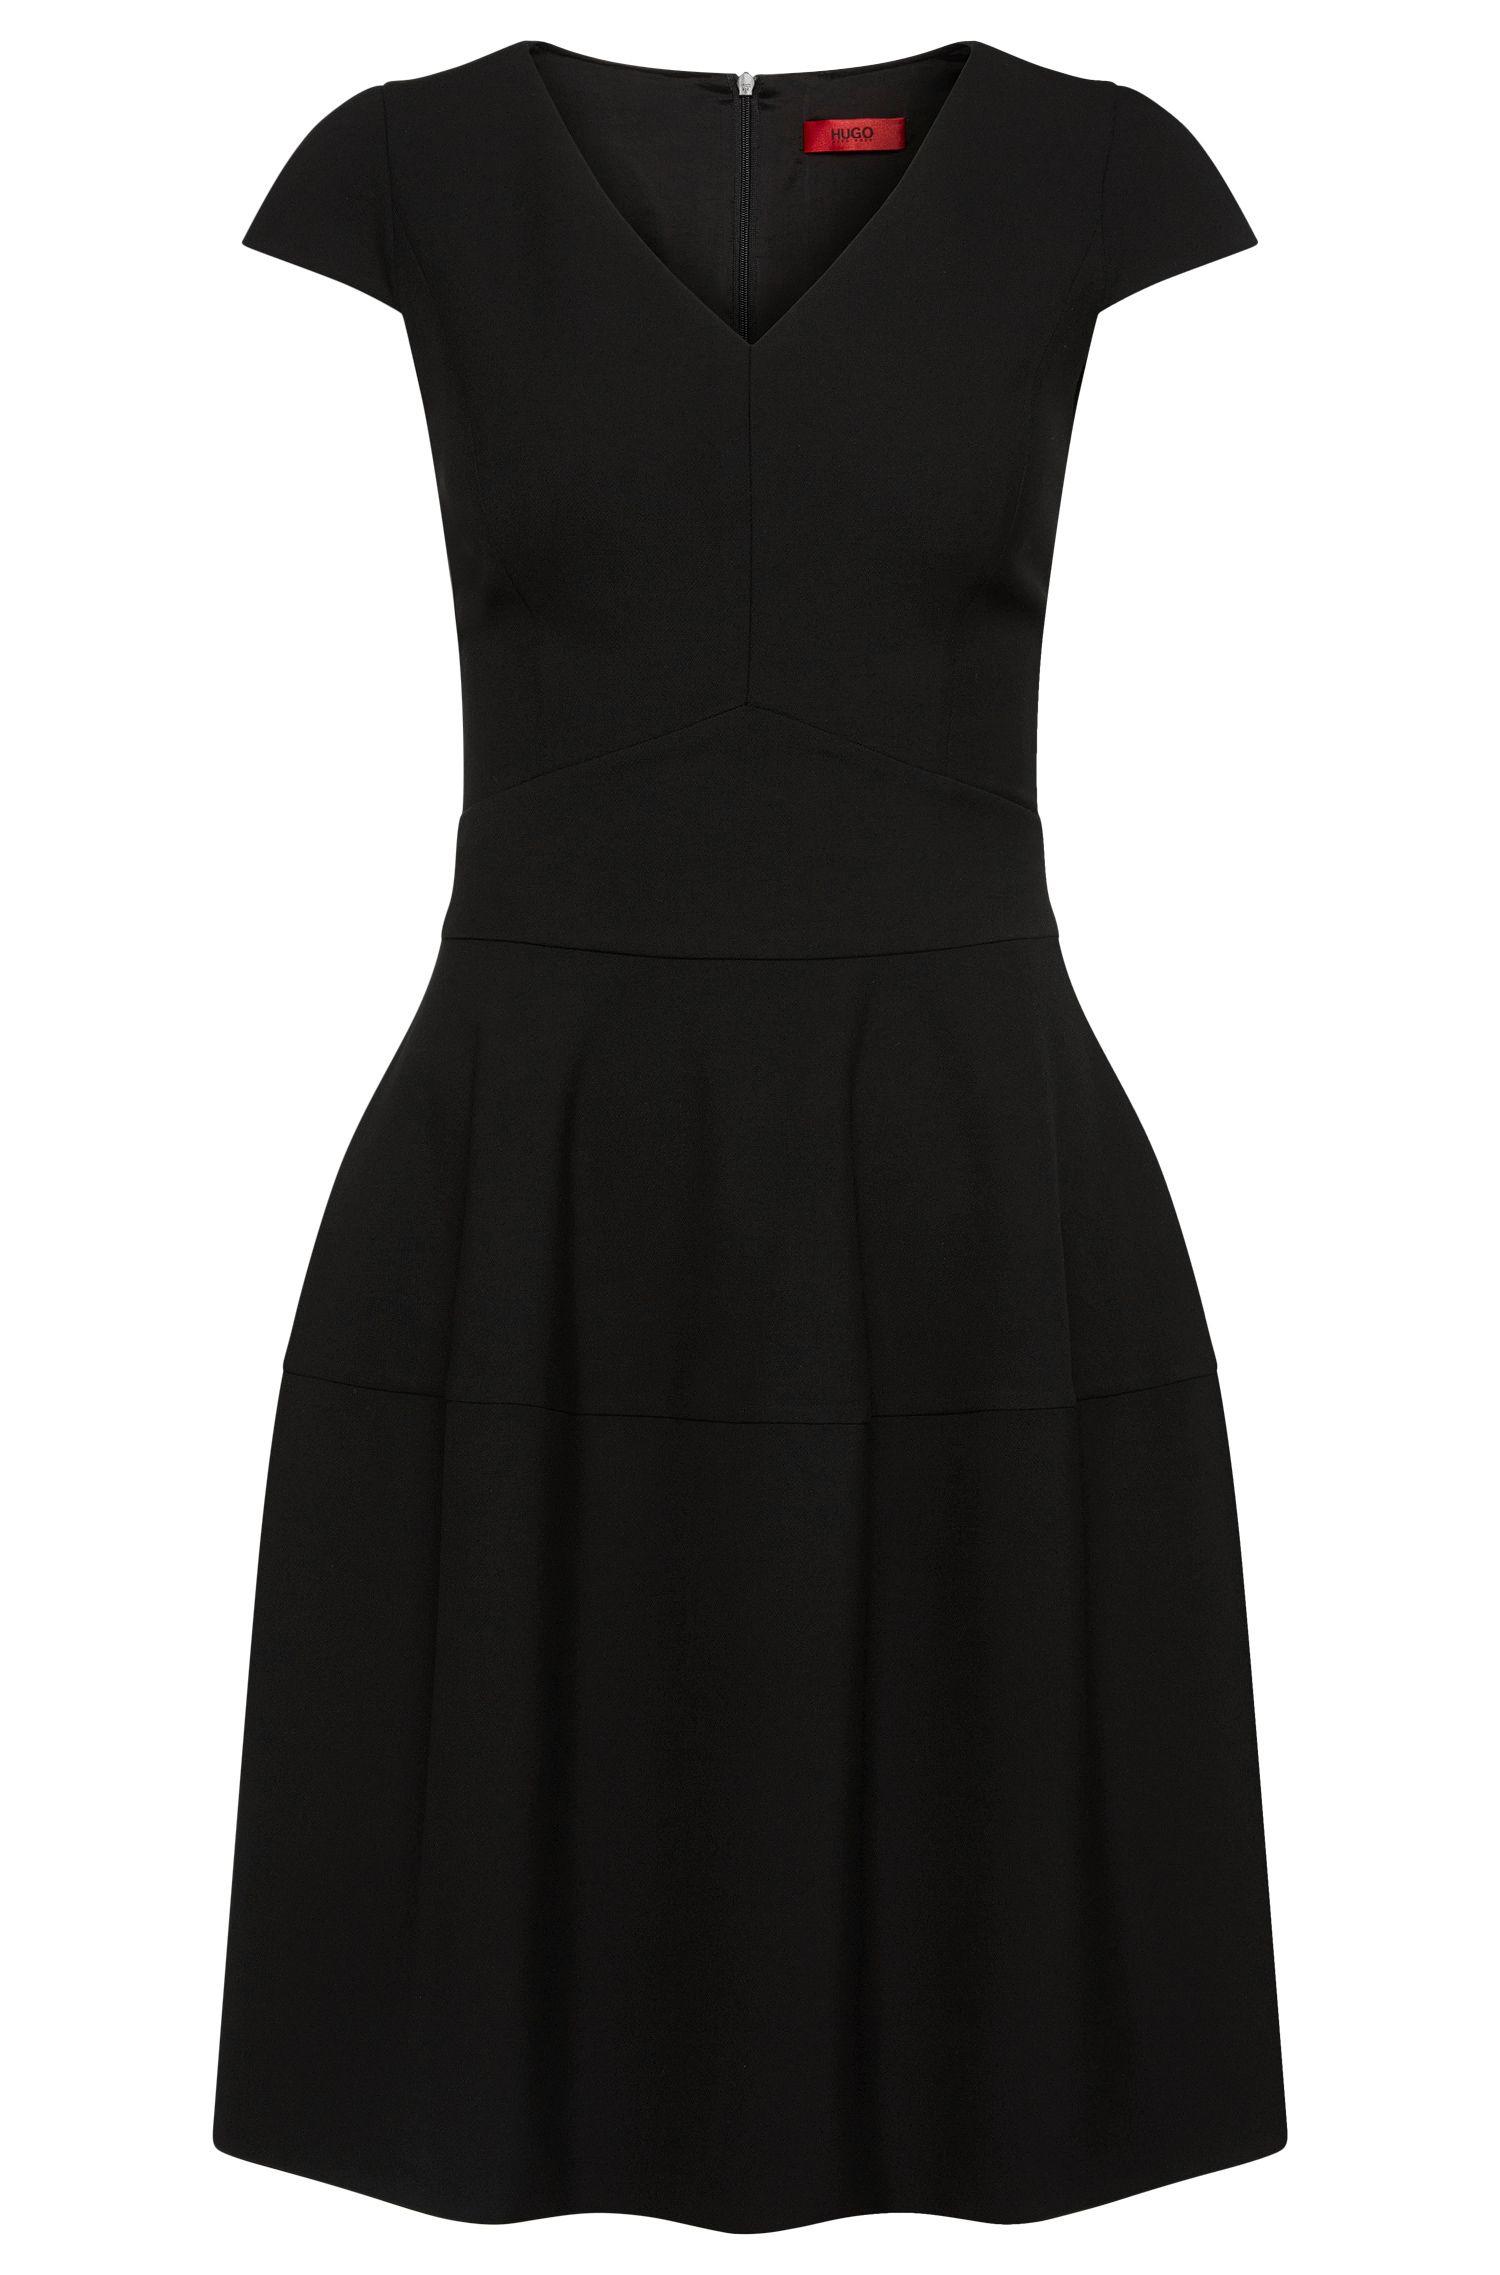 Unifarbenes Kleid mit V-Ausschnitt: 'Konelly'